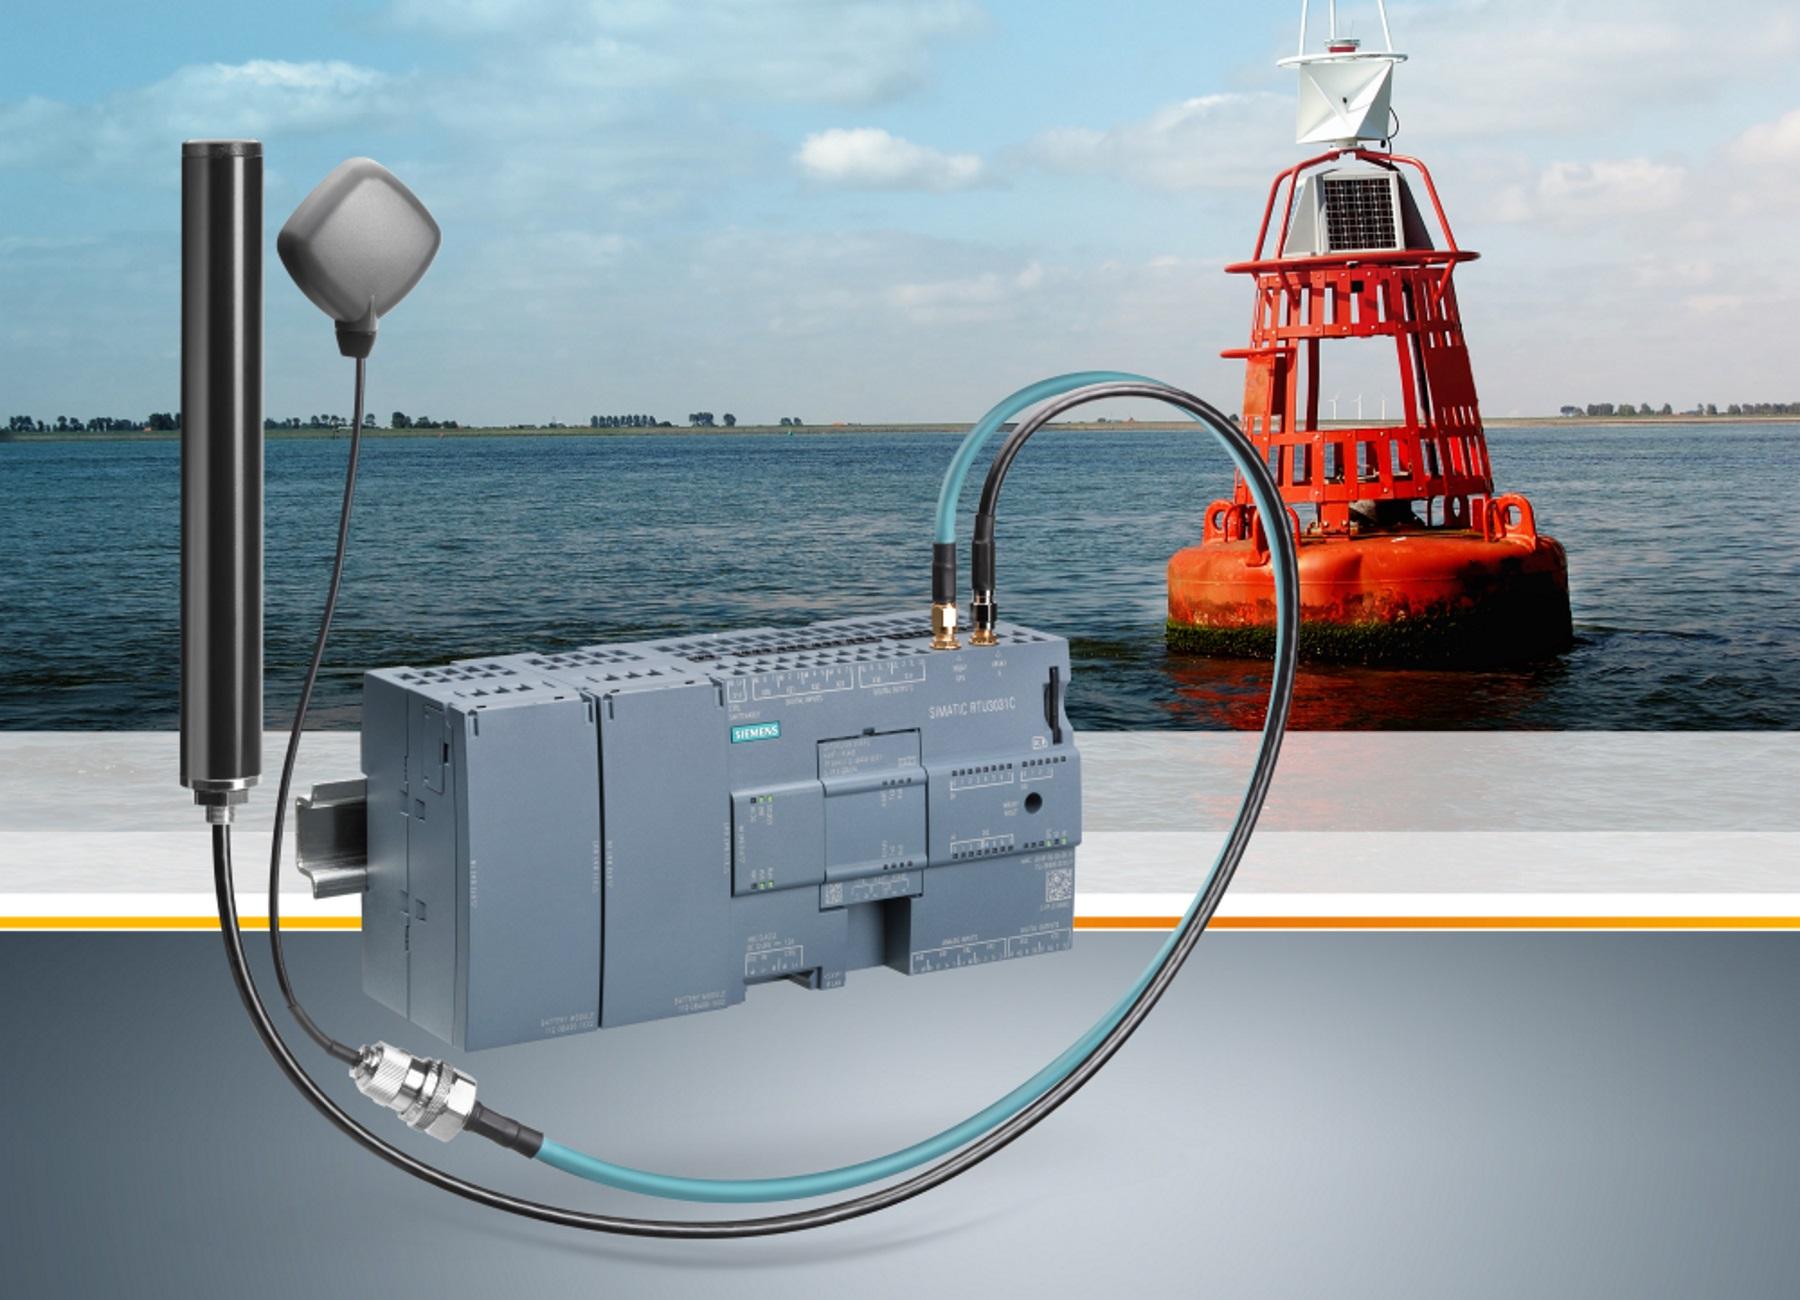 西门子推出支持诸多用途的集成GPS功能的远程控制单元